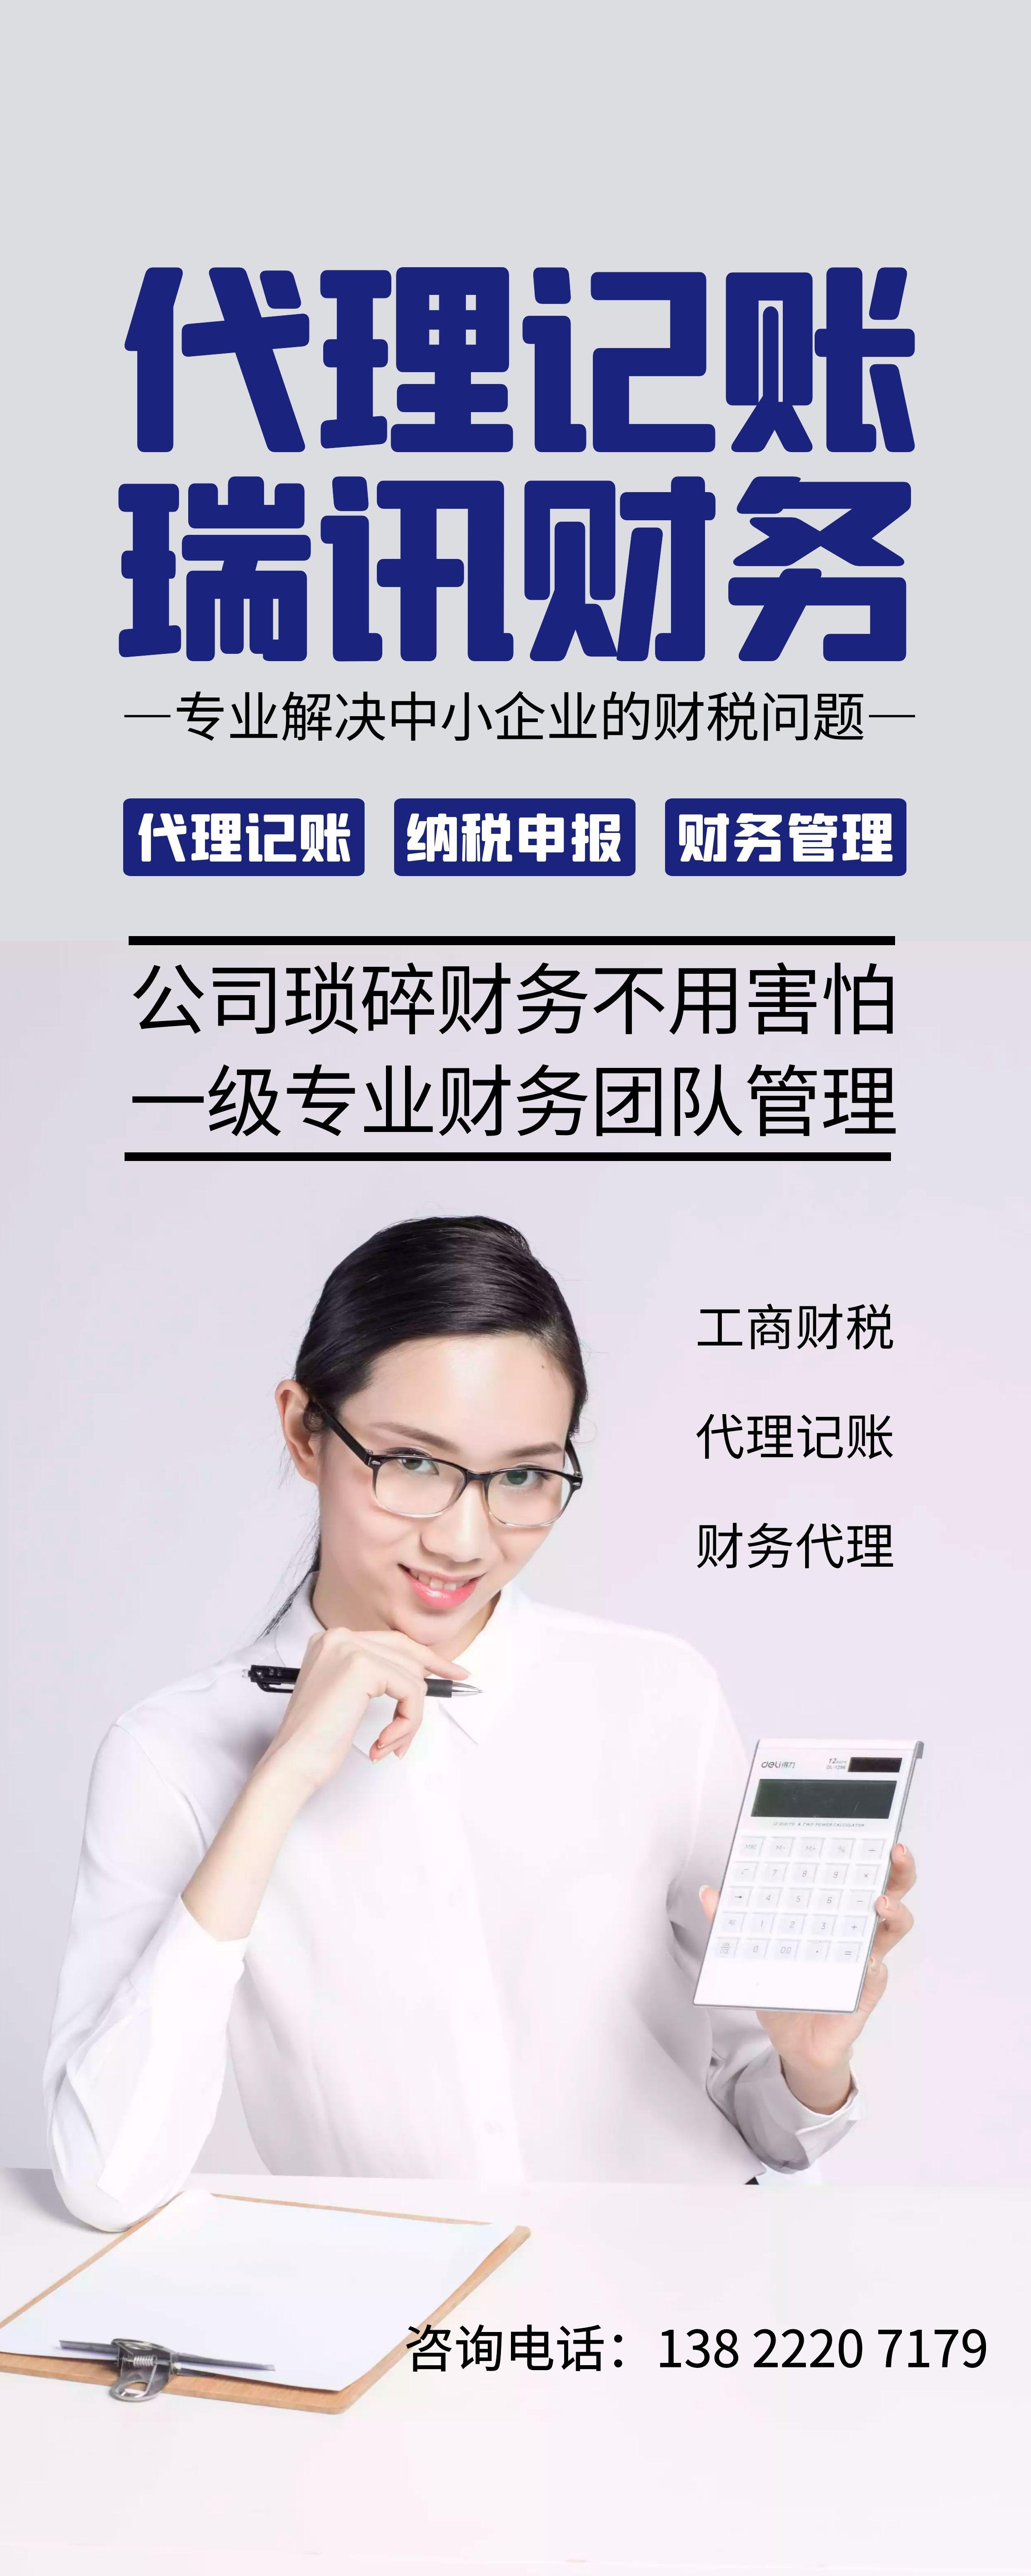 广州财务外包公司 财务外包代理公司